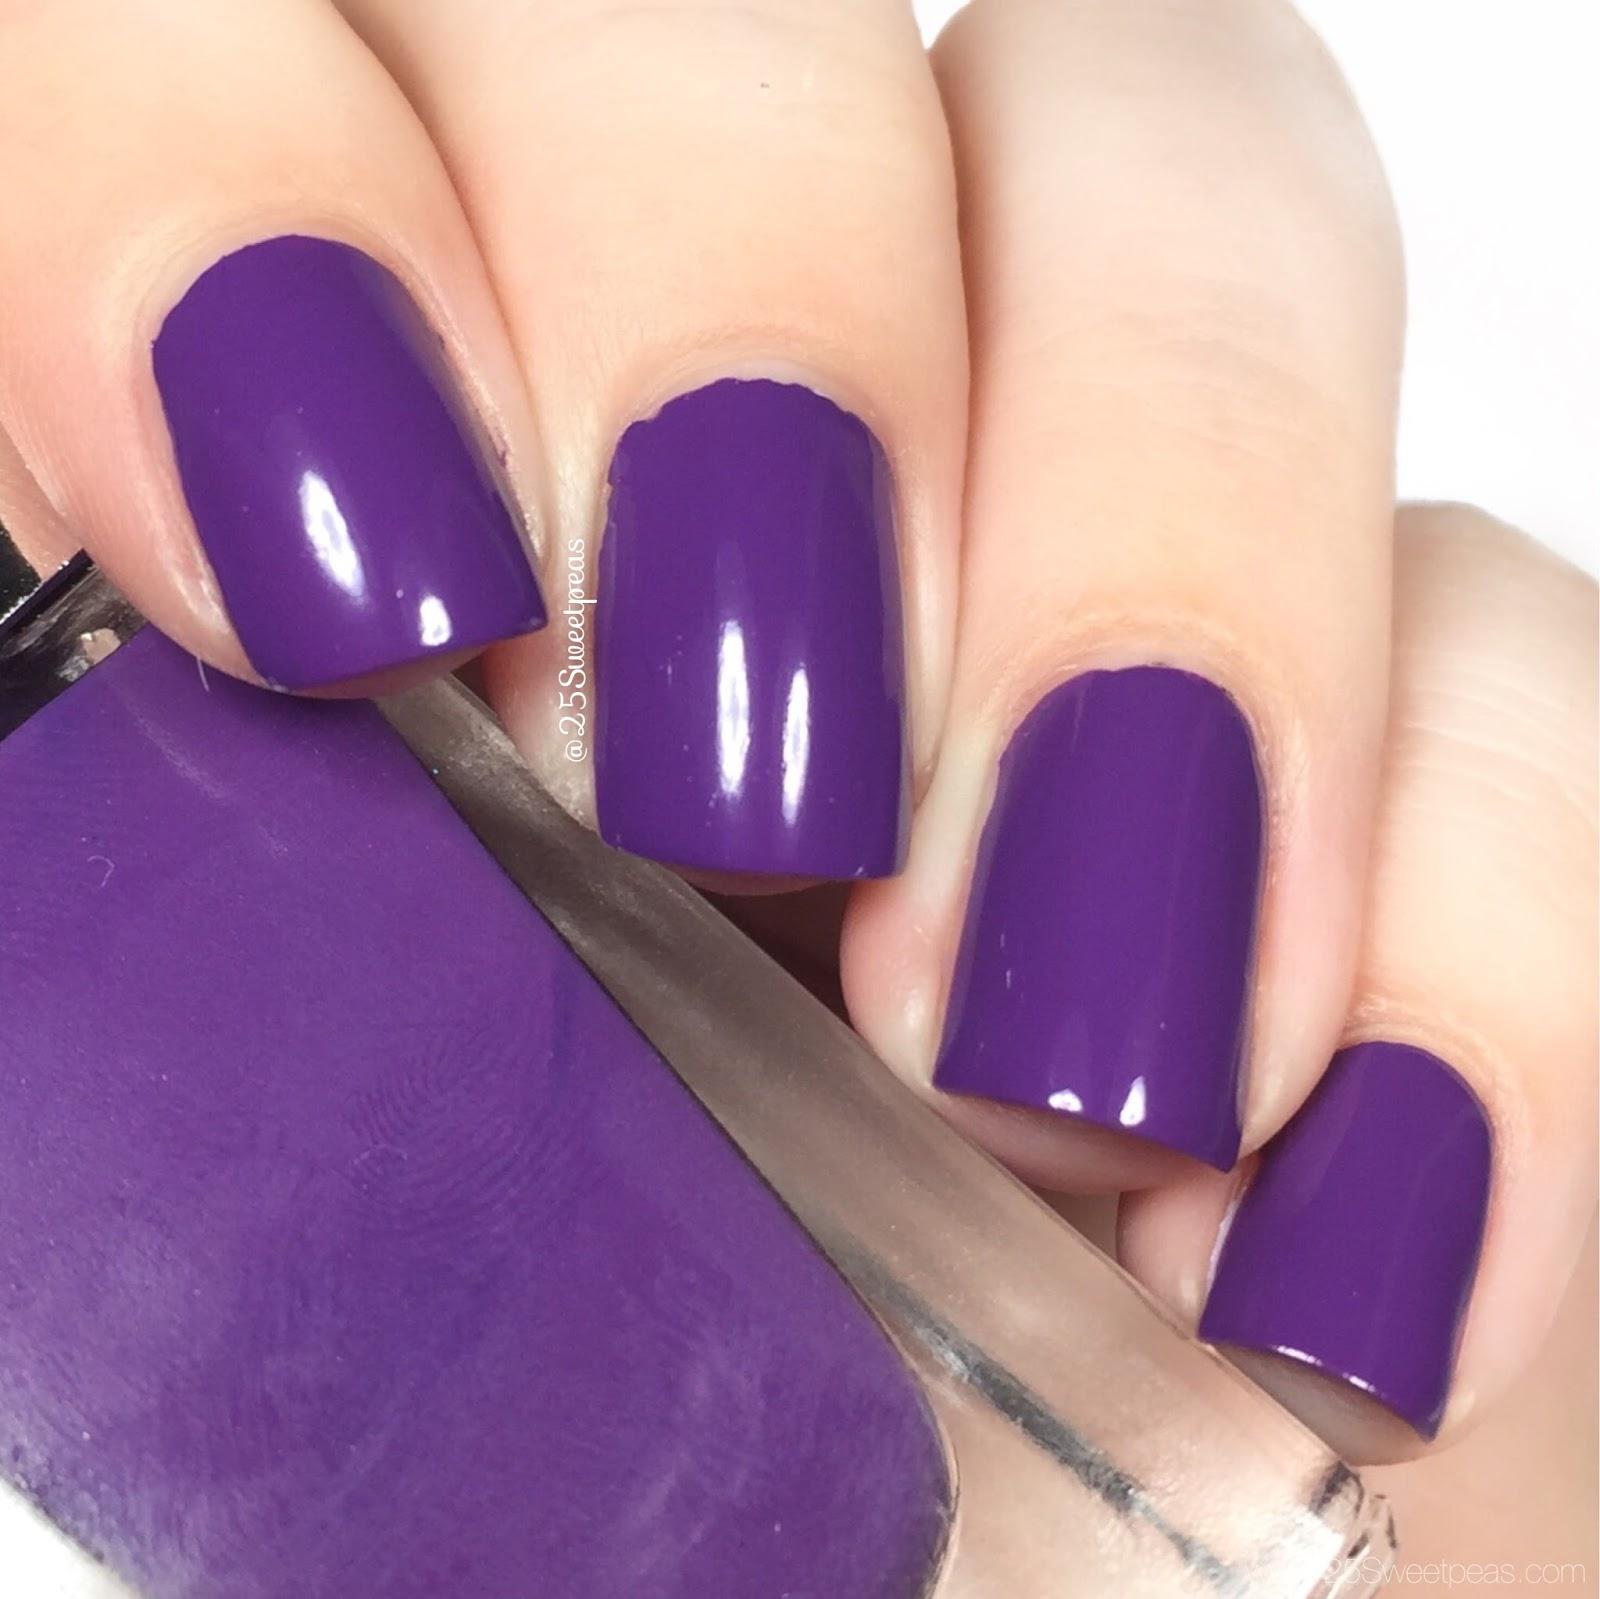 Sheer Lust Lavender Stroke